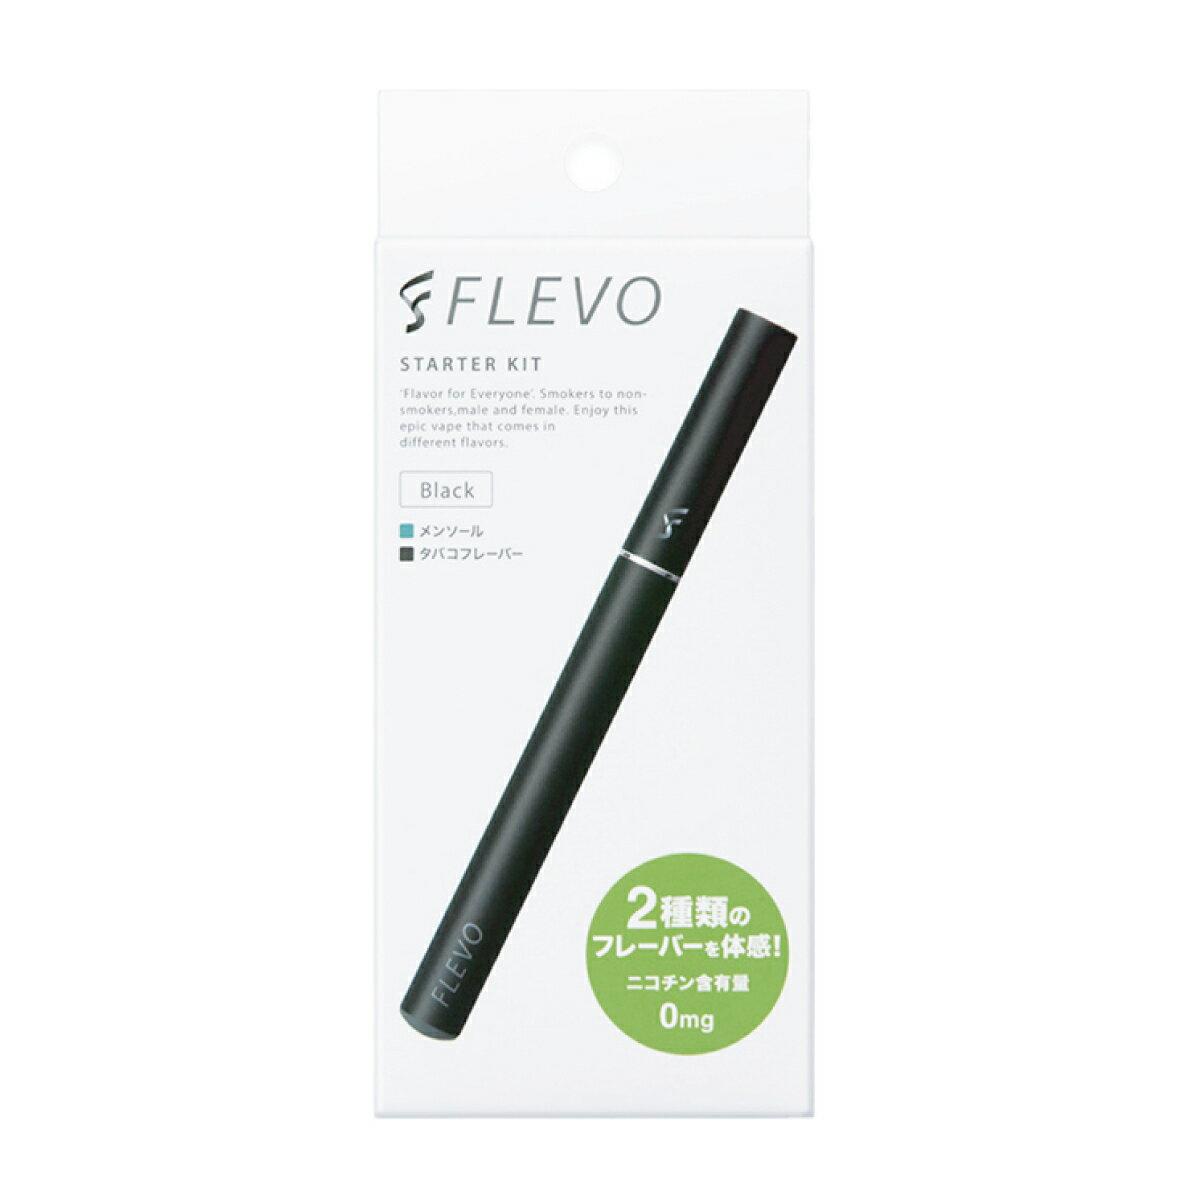 電子タバコ フレボ スターターキット ブラック カートリッジ2個付き クリックポスト FLEVO 充電式 vape ベイプ ニコチン0 タール0 副流煙0 節煙 減煙 禁煙グッズ フレヴォ flevo